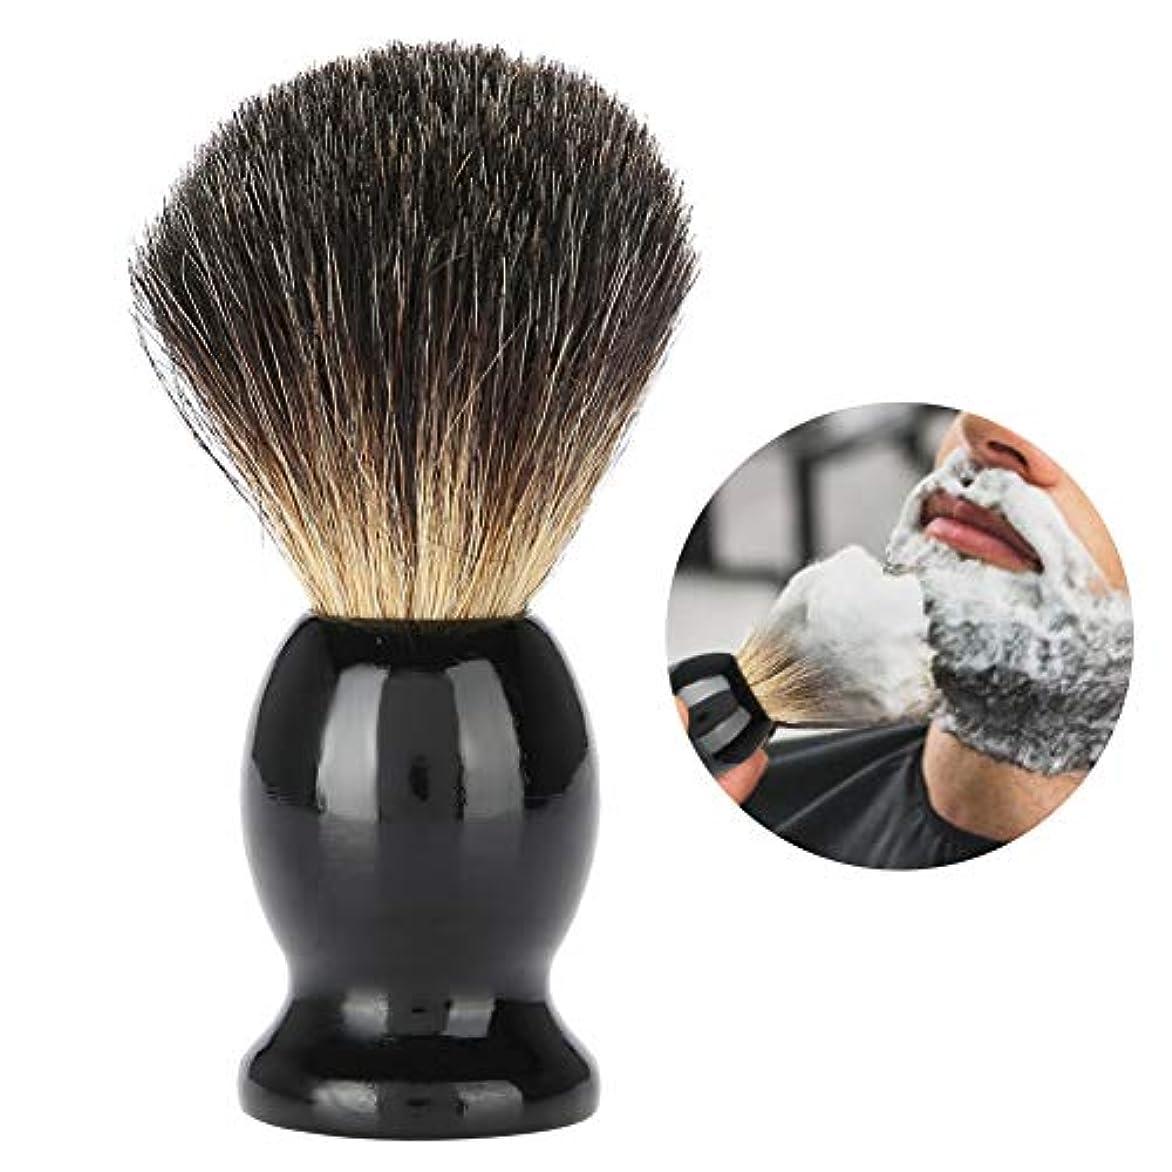 予想外深さ毎回Yuyteポータブル男性ウッドハンドル髭剃りブラシ理髪店サロンツール